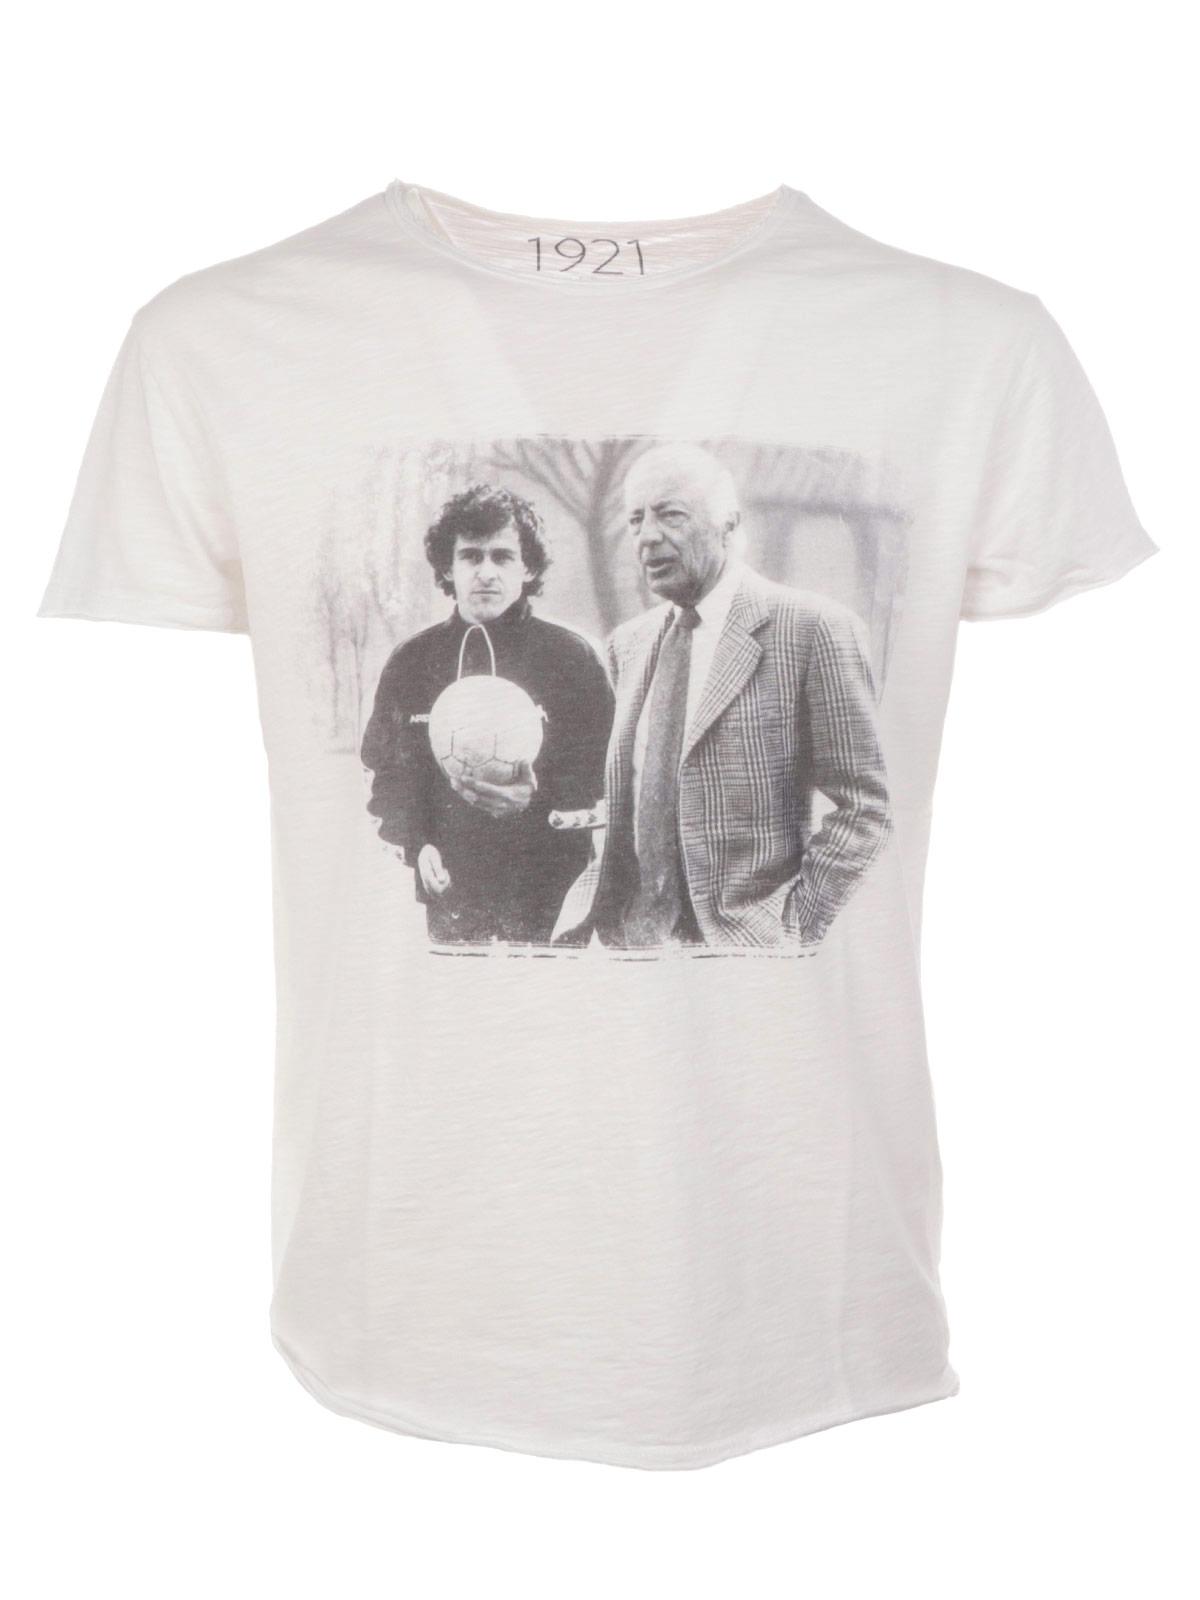 Immagine di 1921 | T-Shirt Uomo Agnelli Platini